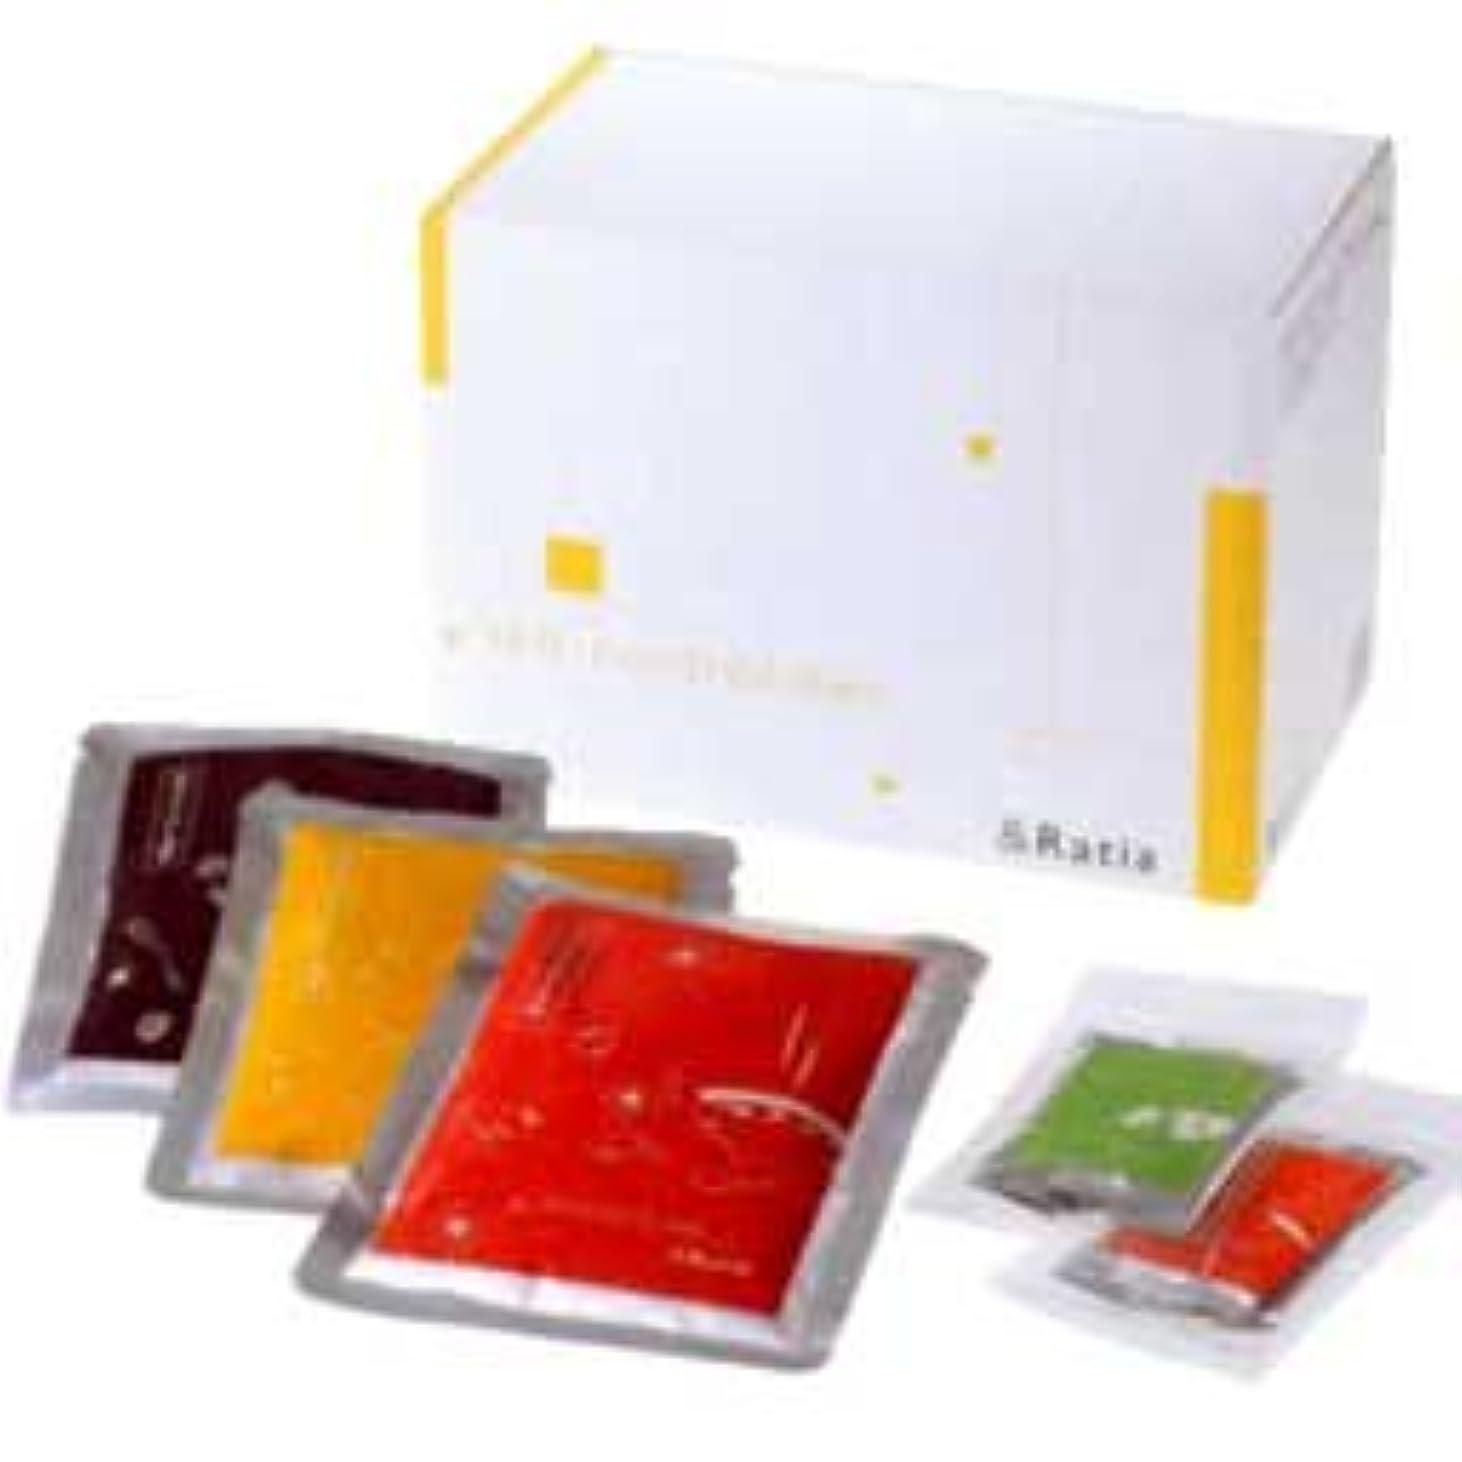 回転させるダブル高揚した&Ratia セルフコントロールダイエット お粥3種14袋+スパイス2種14包